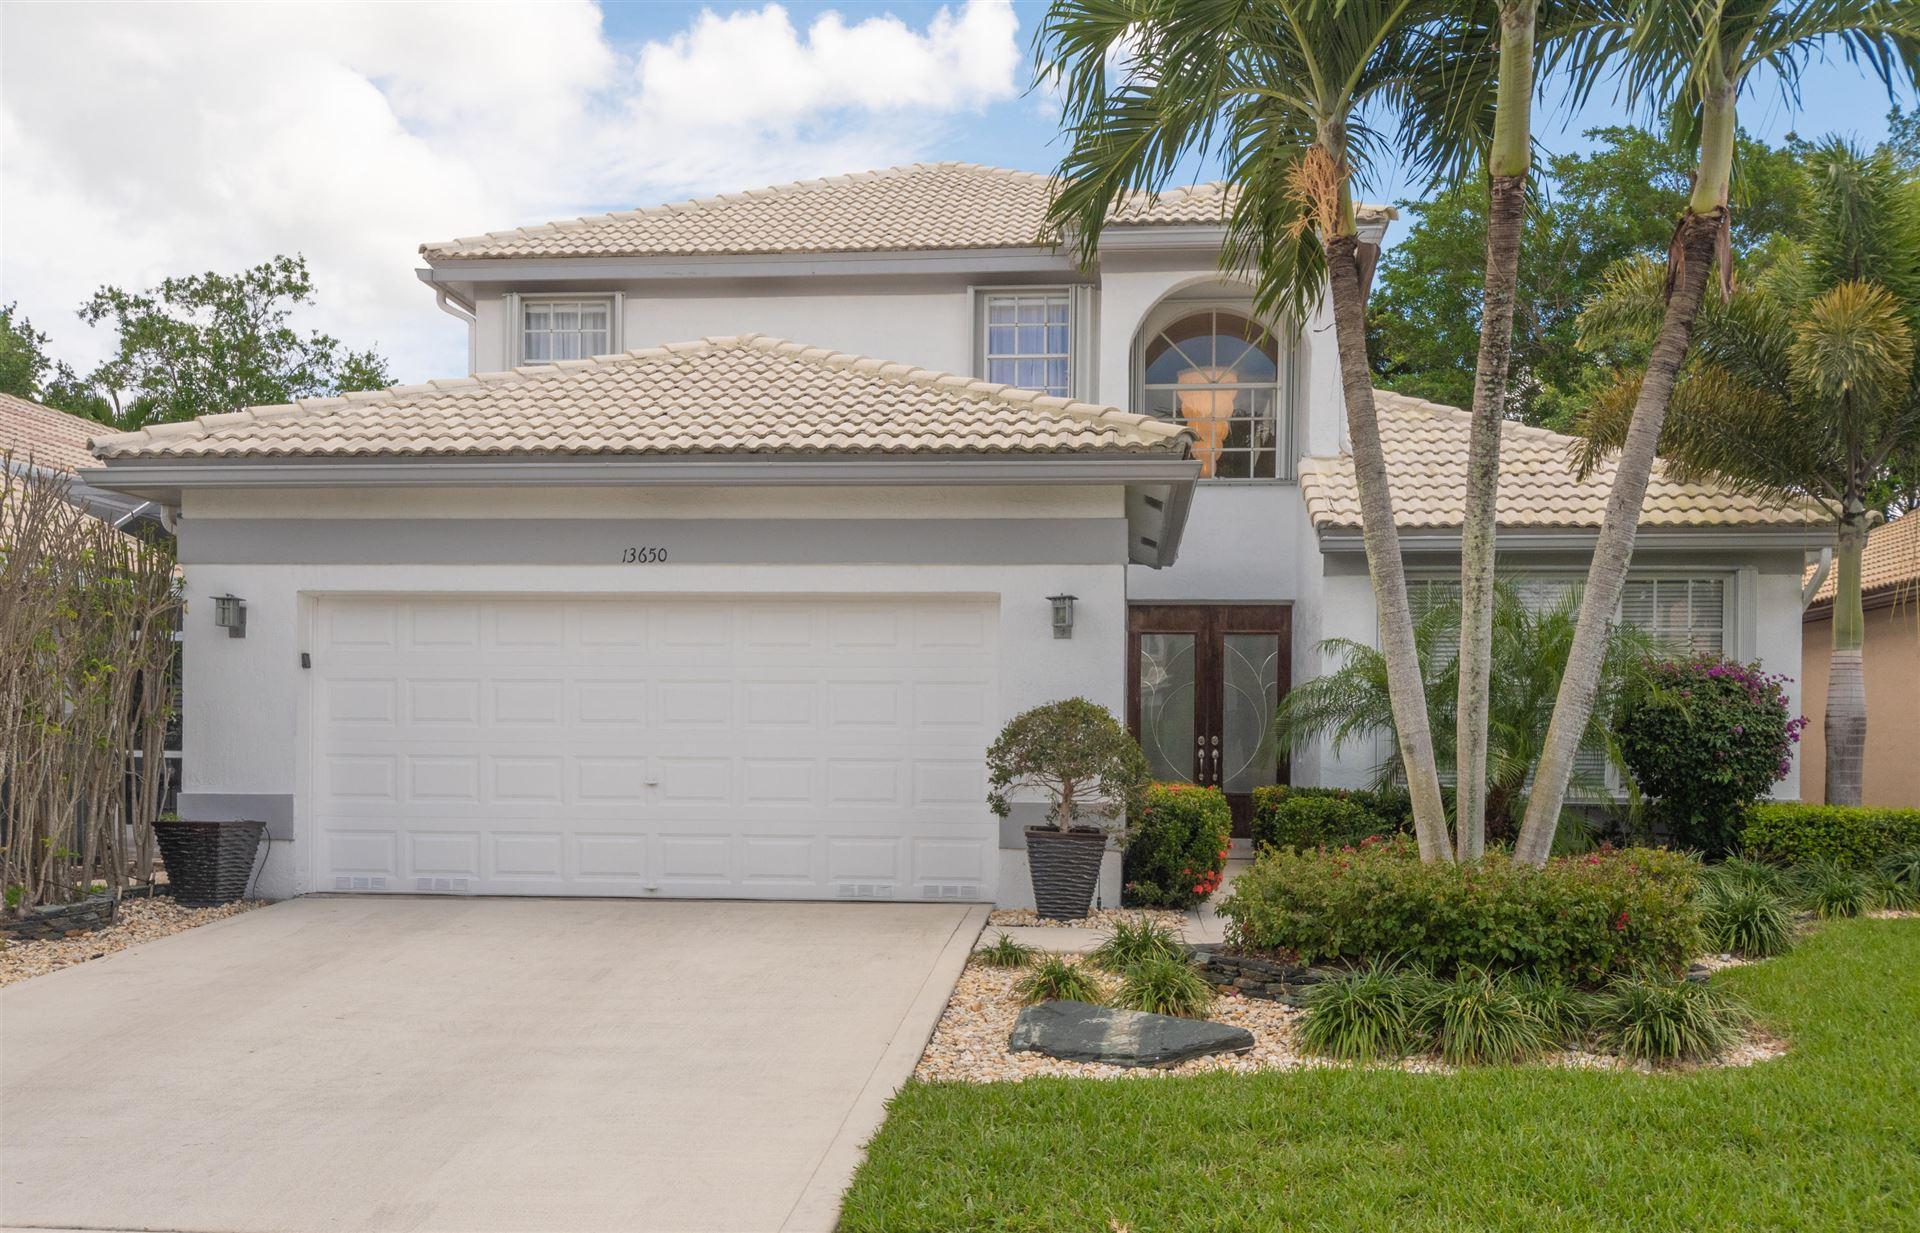 13650 Weyburne Drive, Delray Beach, FL 33446 - #: RX-10630160